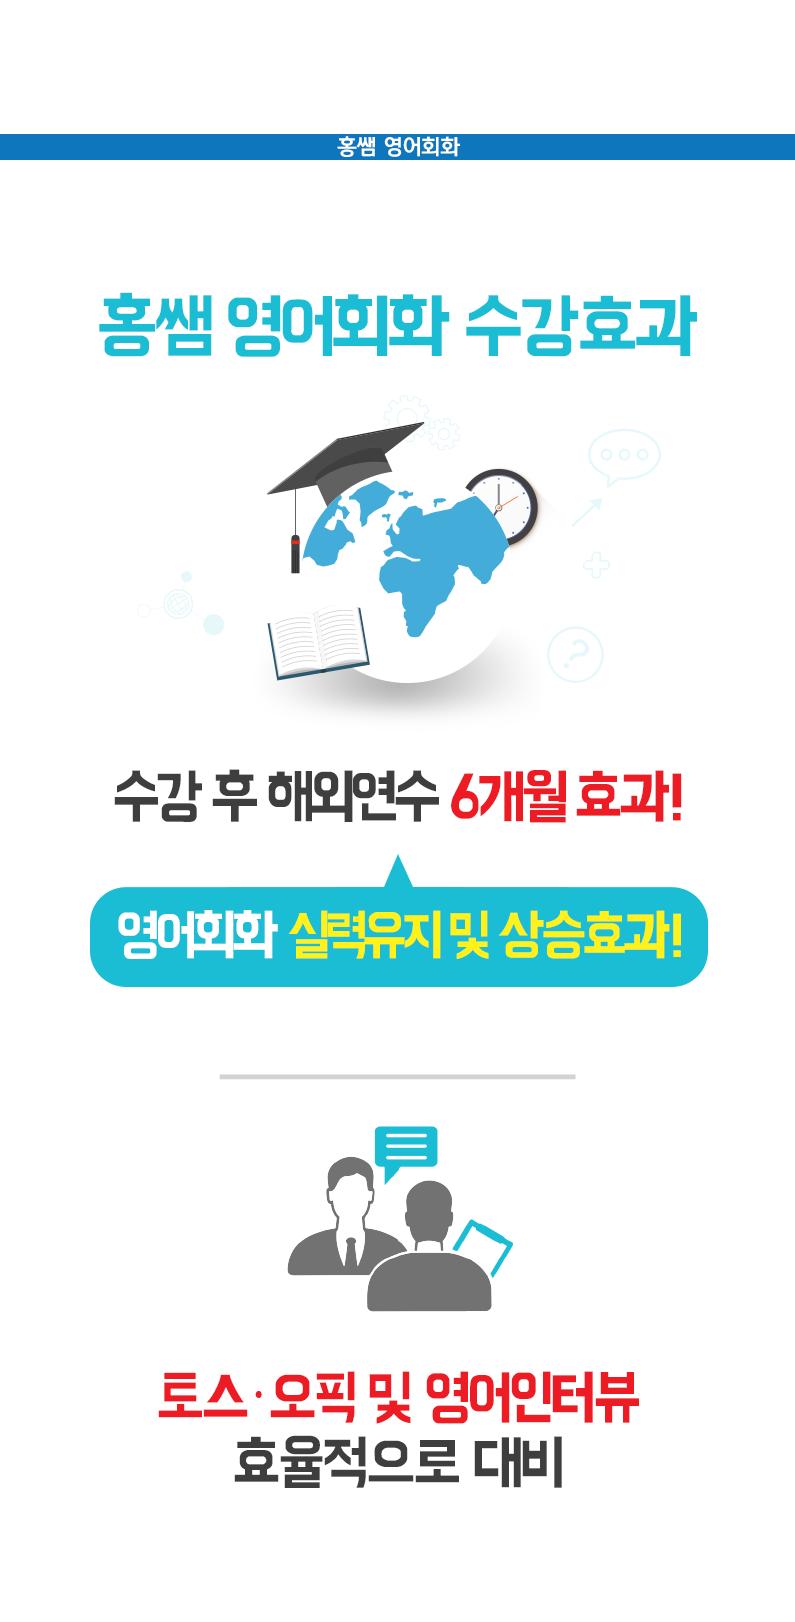 영어회화 수강효과